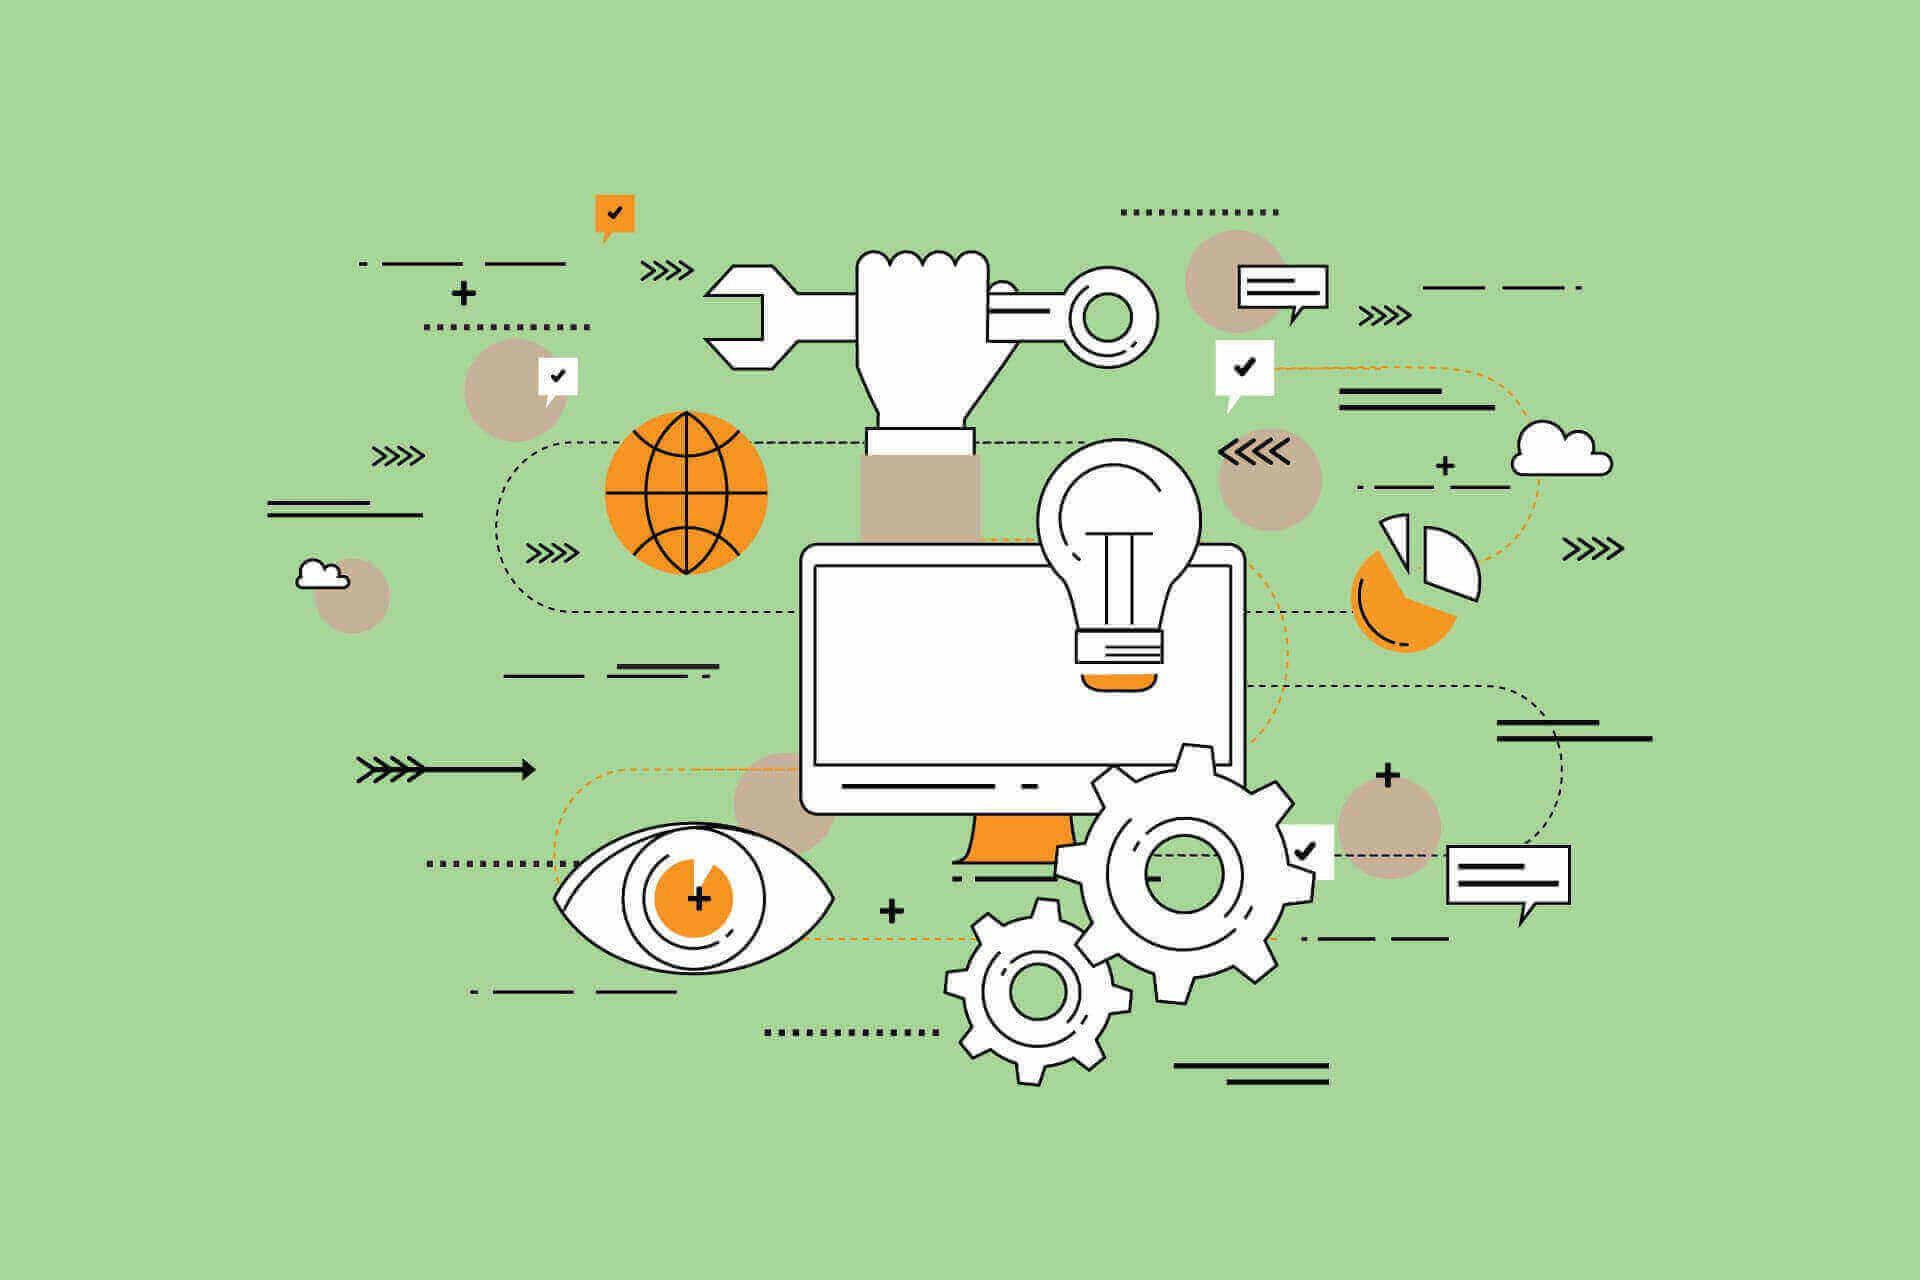 چرا باید از متخصصین طراحی ارائه کمک بگیریم؟